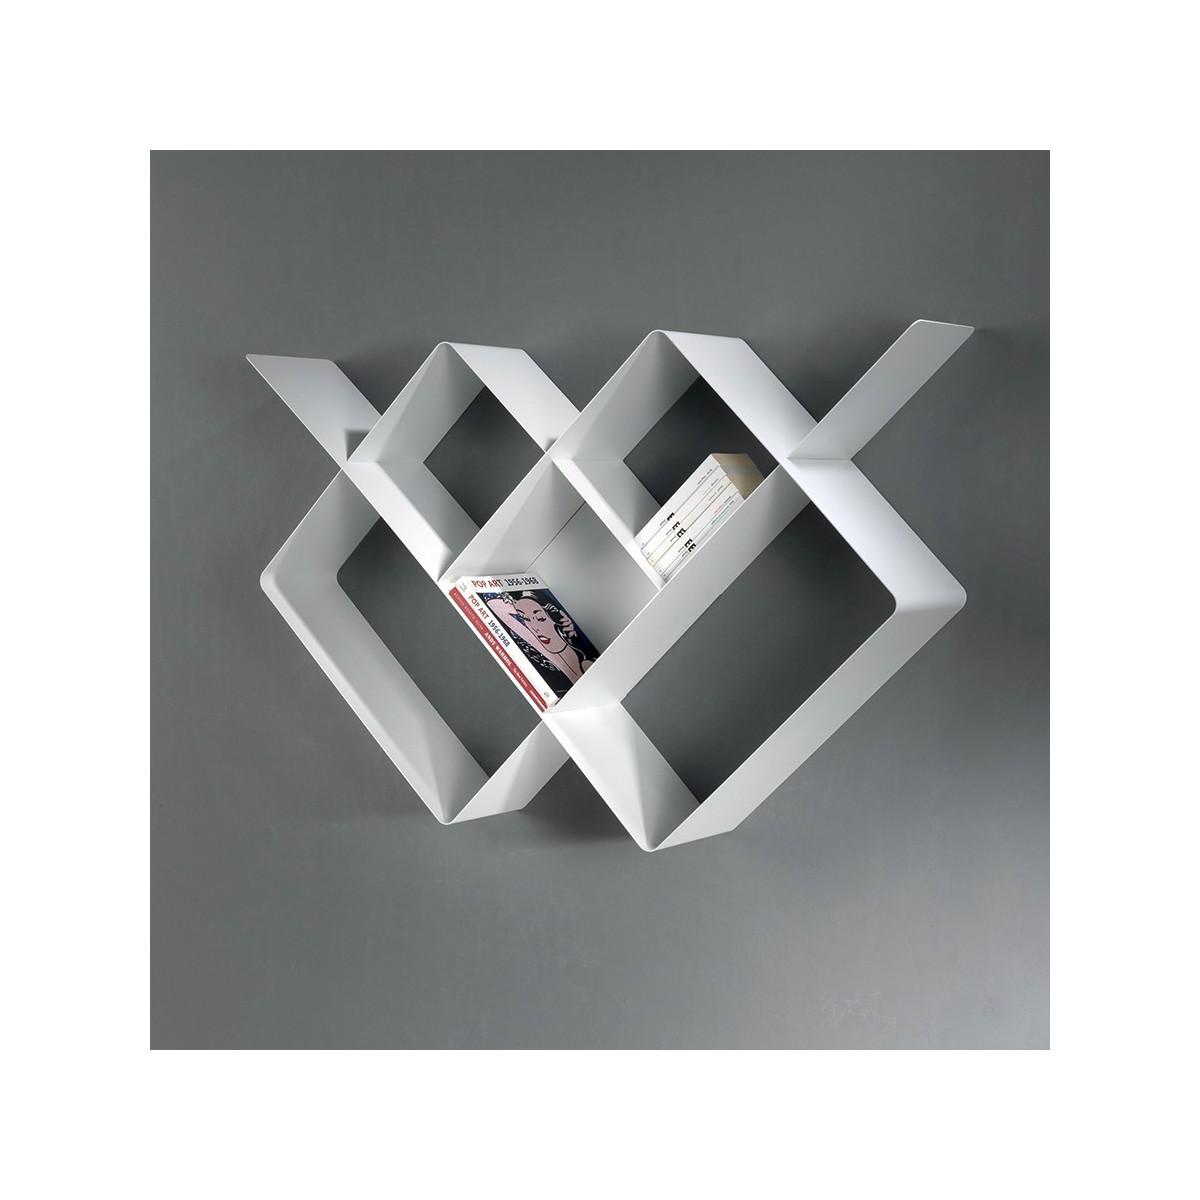 mondrian-libreria-moderna-in-metallo-componibile-a-muro.jpg